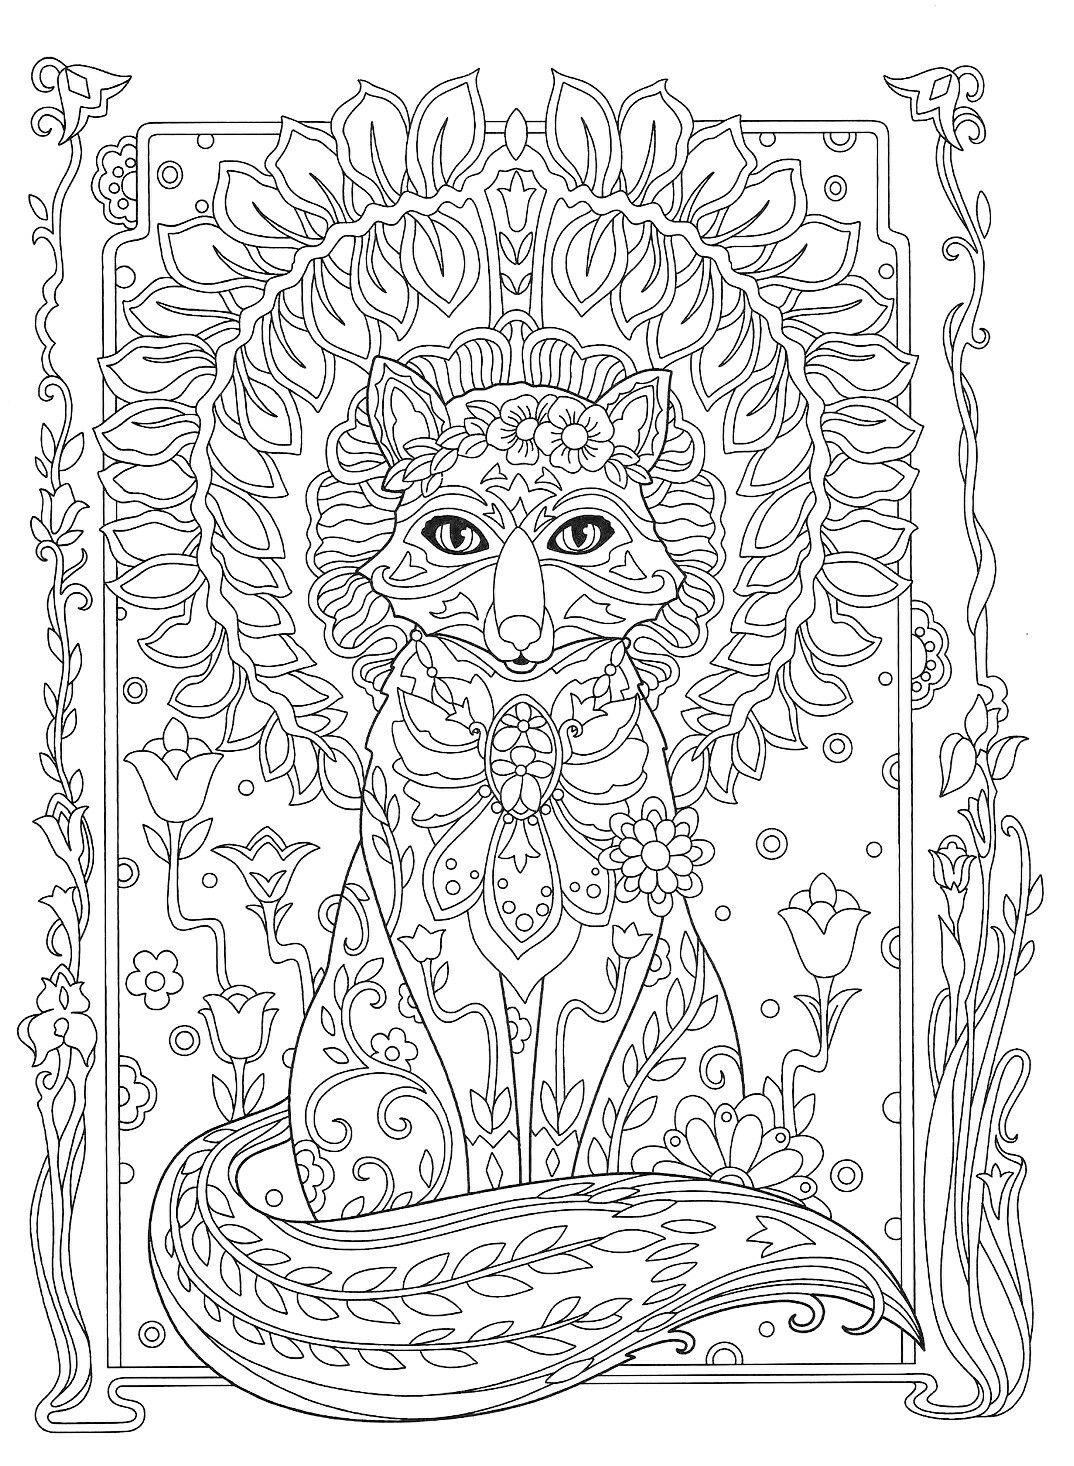 Pin von Elisabeth Quisenberry auf Coloring: Animals | Pinterest